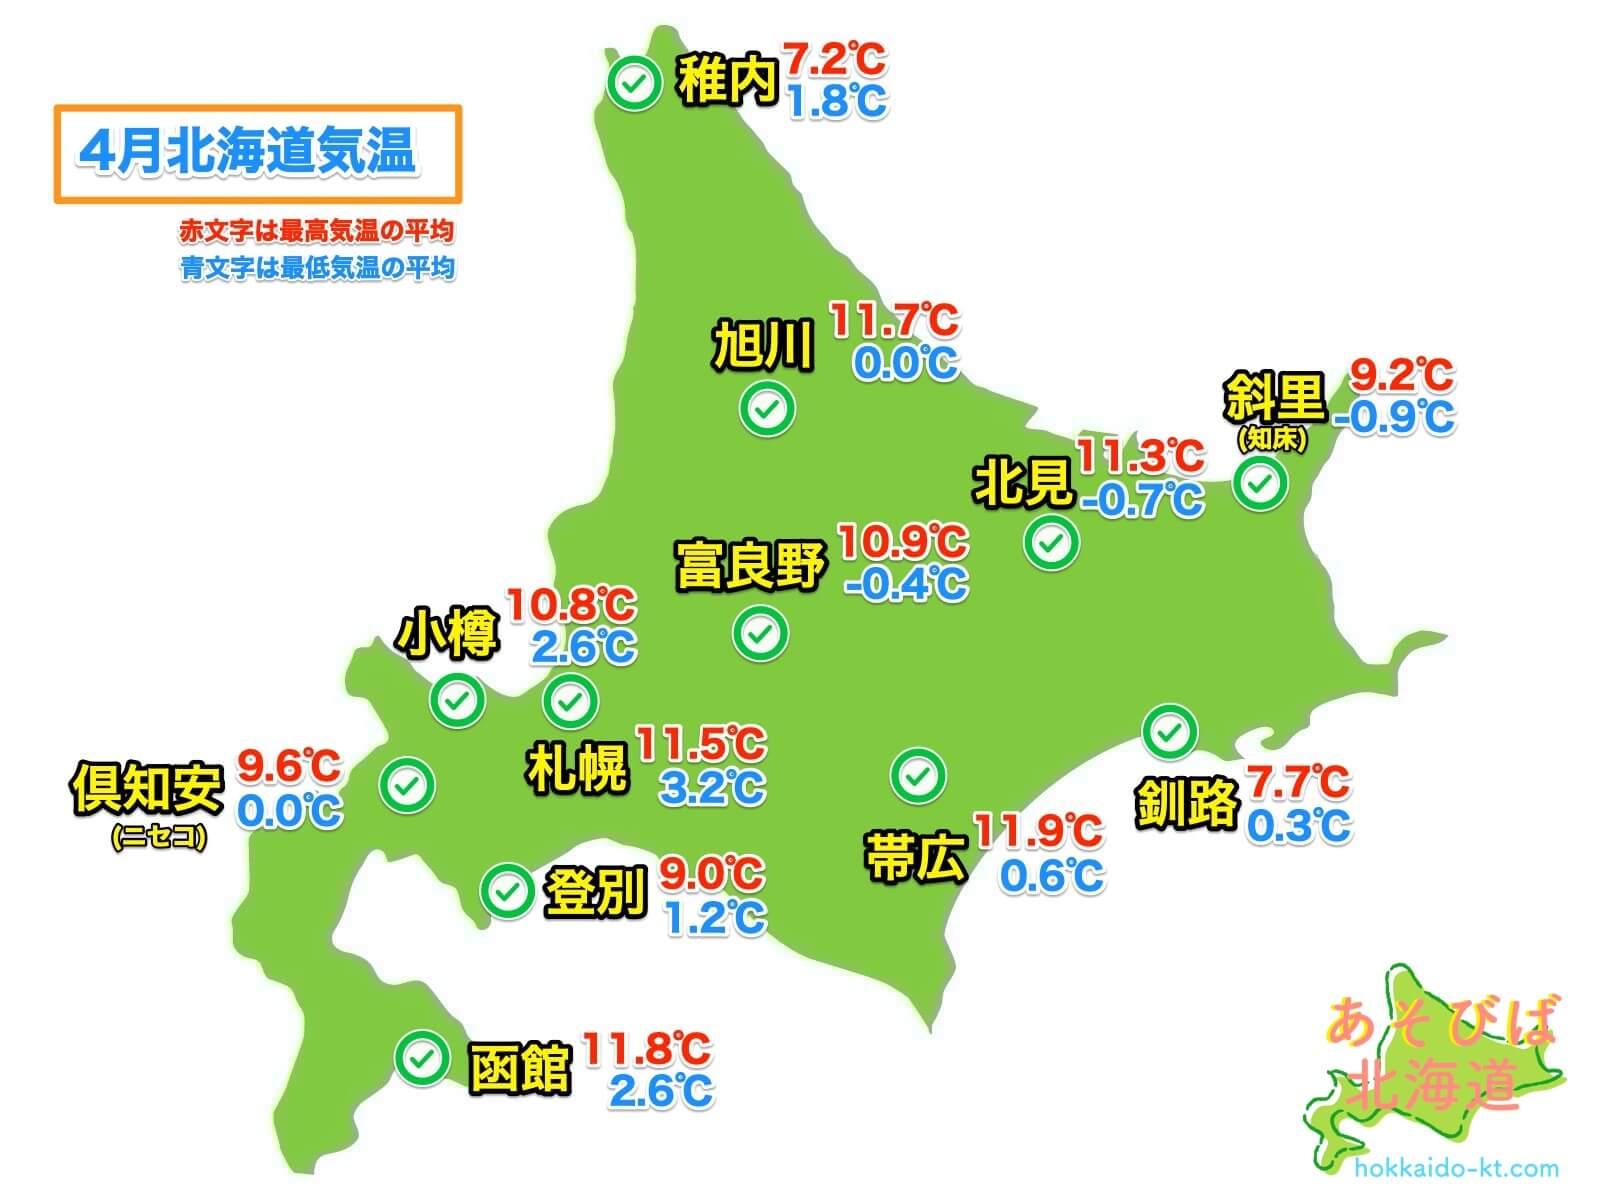 4月の北海道各地の気温